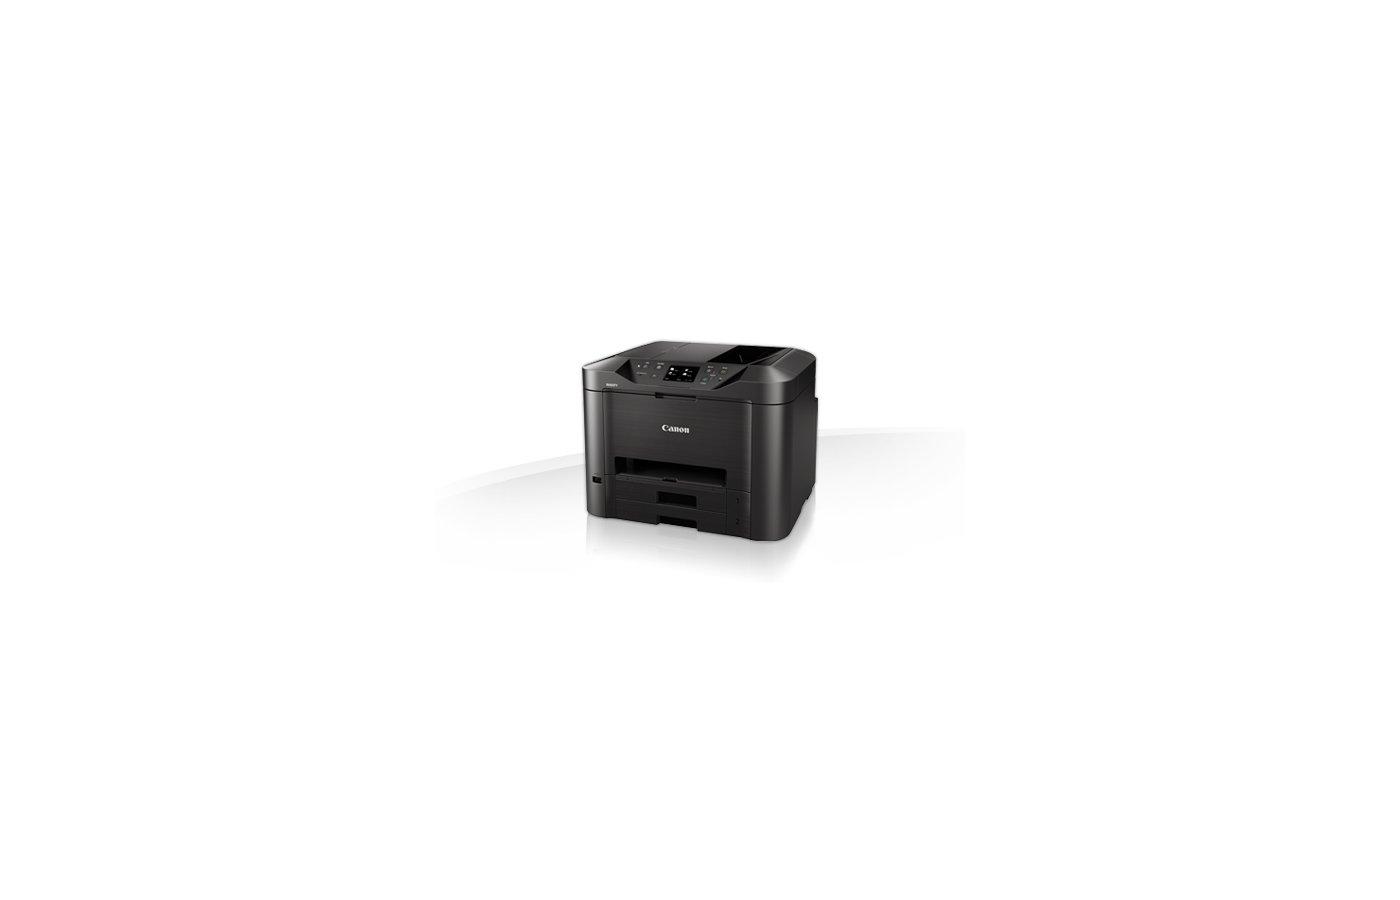 МФУ Canon Maxify MB5340 /9492B007/ A4 WiFi